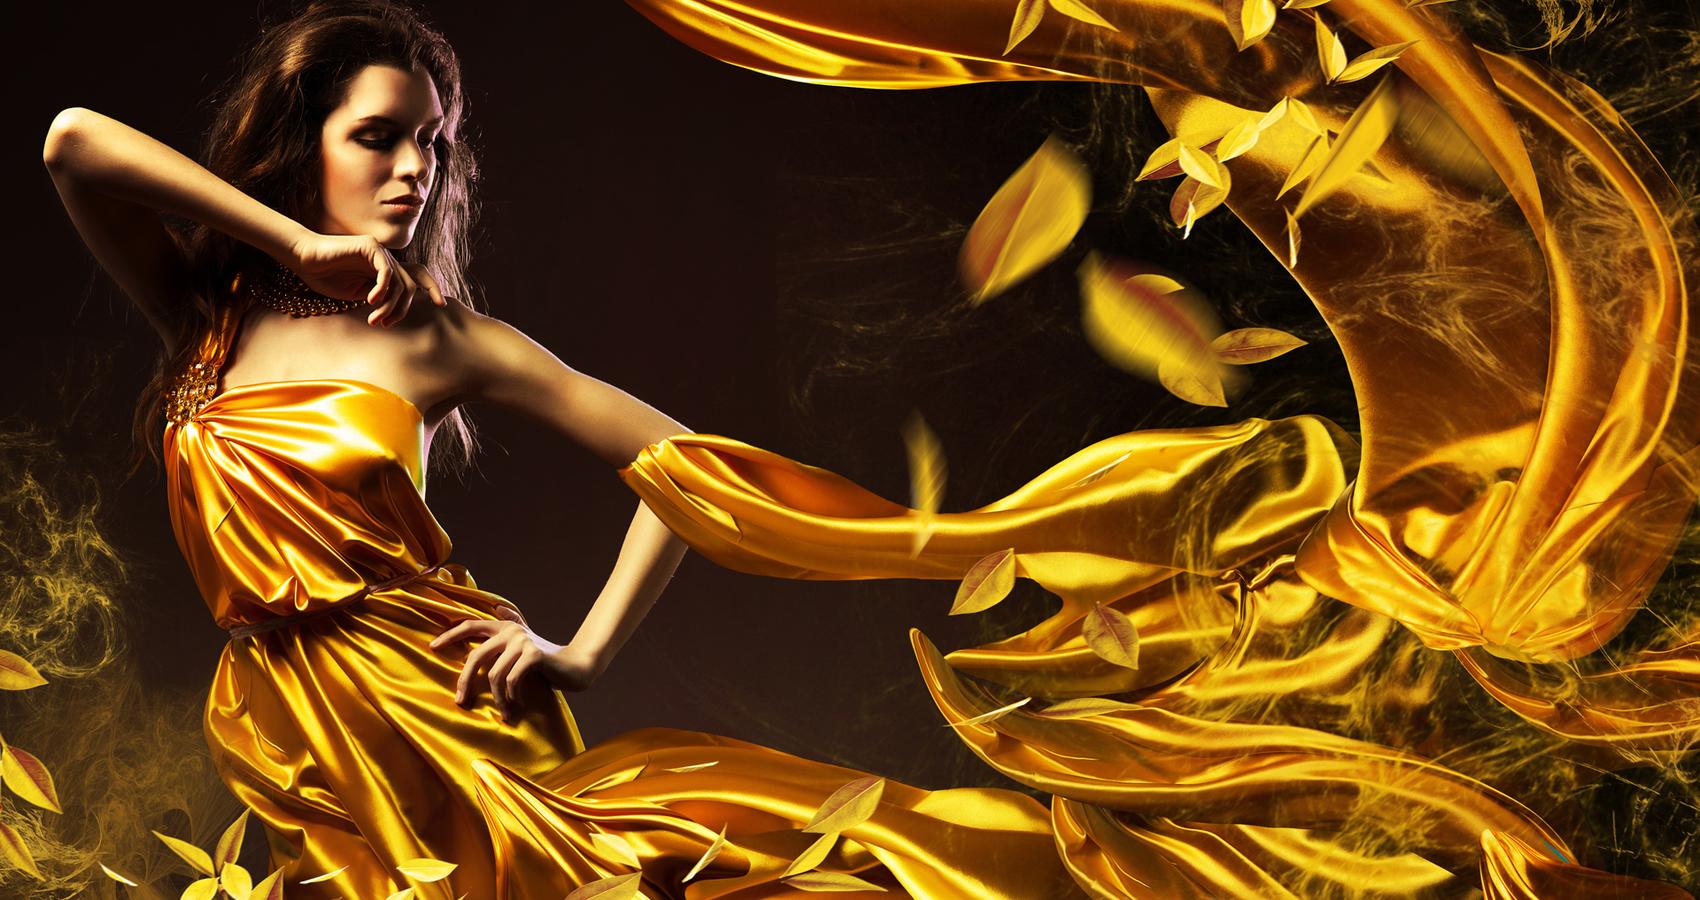 I am A Dancer! by Shruthi Shankel at Spillwords.com